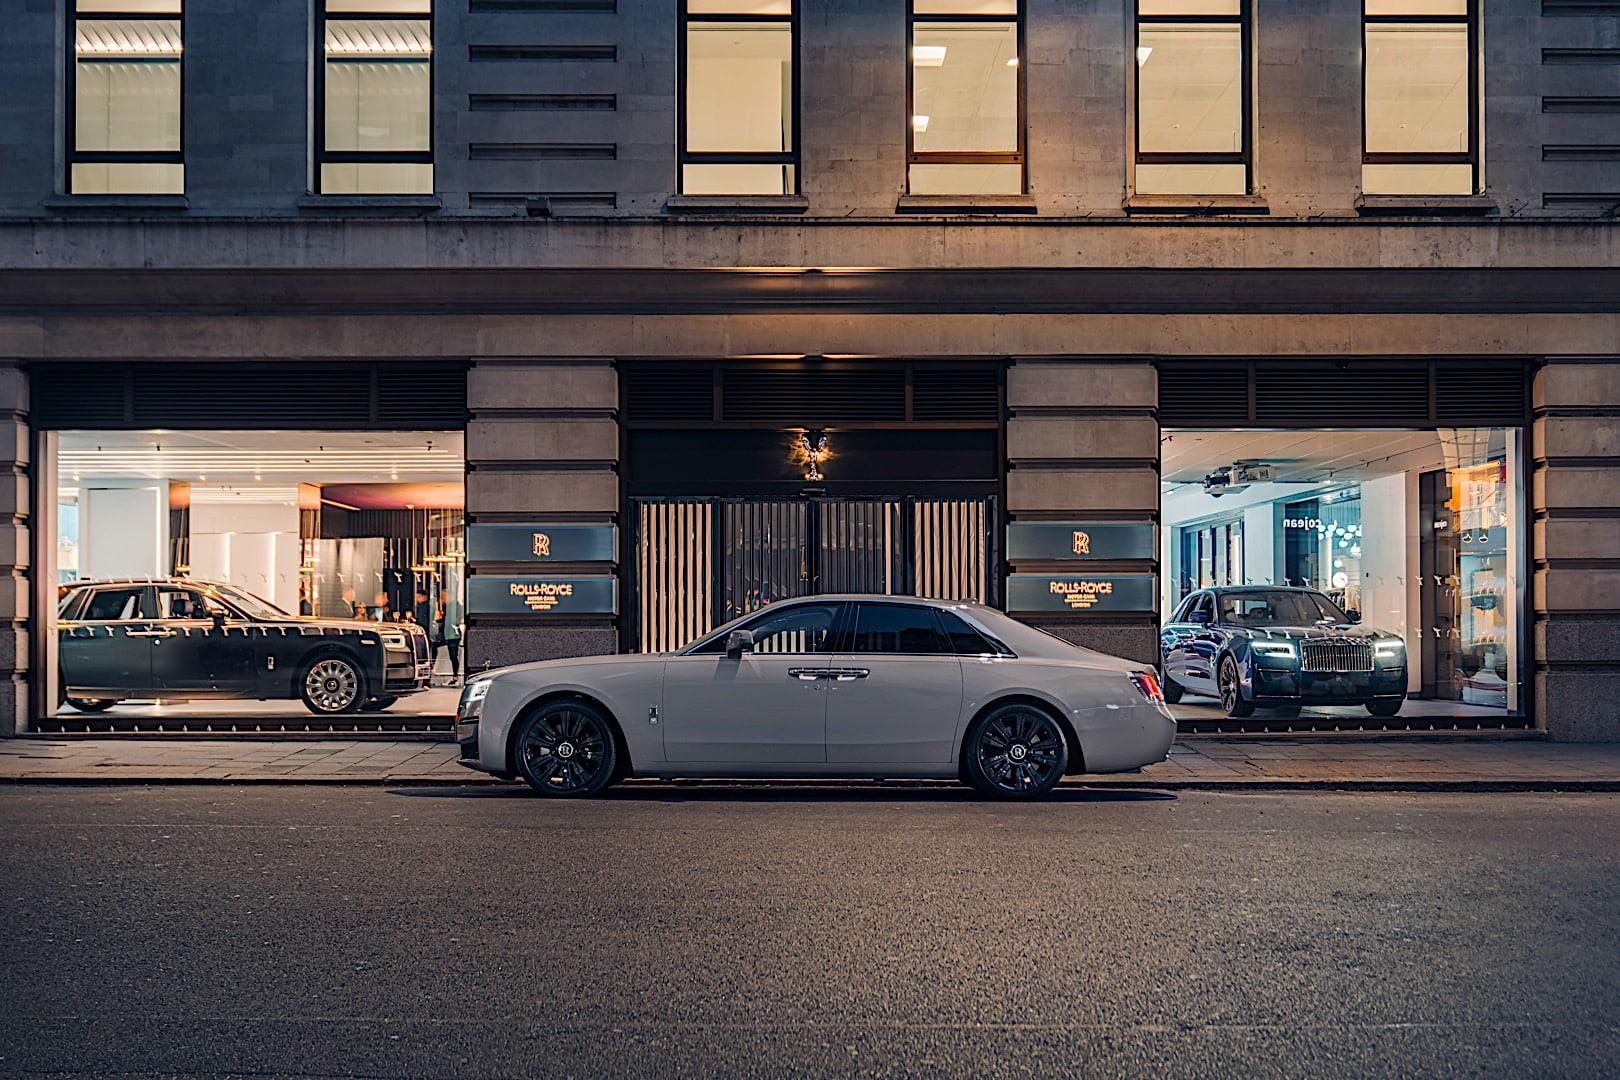 Rolls Royce Mayfair Dealership P90419568 hero